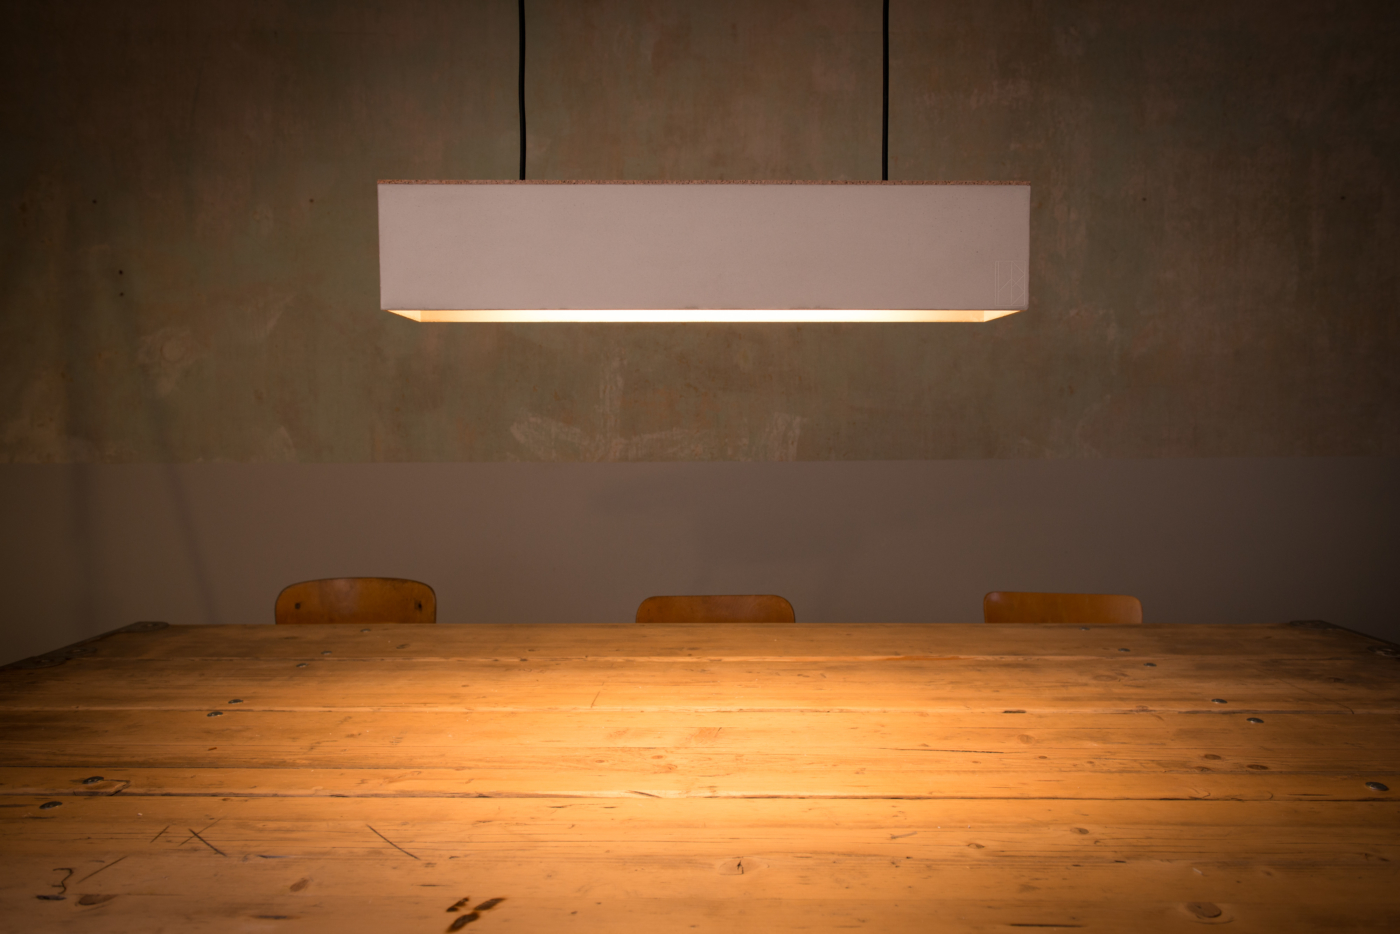 Betonlampe FRIEDRICH aus der Heine & Becker Manufaktur. Das minimalistische Design der Beton-Hängeleuchte FRIEDRICH gibt Ihrem Wohn- und Essbereich eine neue Atmosphäre. Klare Linien, von der Lampe bis zur Decke. Friedrich wird in unserer Manufaktur aus einem Stück von Hand gegossen und ist mit zwei hochwertigen LED Röhren versehen, die individuell austauschbar sind. Durch das direkte, nach unten gerichtete Licht wird Ihr Tisch oder Barbereich optimal beleuchtet, während gleichzeitig die Sitzenden nicht geblendet werden. So wird ideales Licht für eine gemütliche Runde geschaffen. Das Heine & Becker Befestigungssystem Baldachin BENGT 1 ermöglicht einen sicheren Halt Ihrer Leuchte und fließenden Designübergang vom Lichtkegel bis zur Decke.